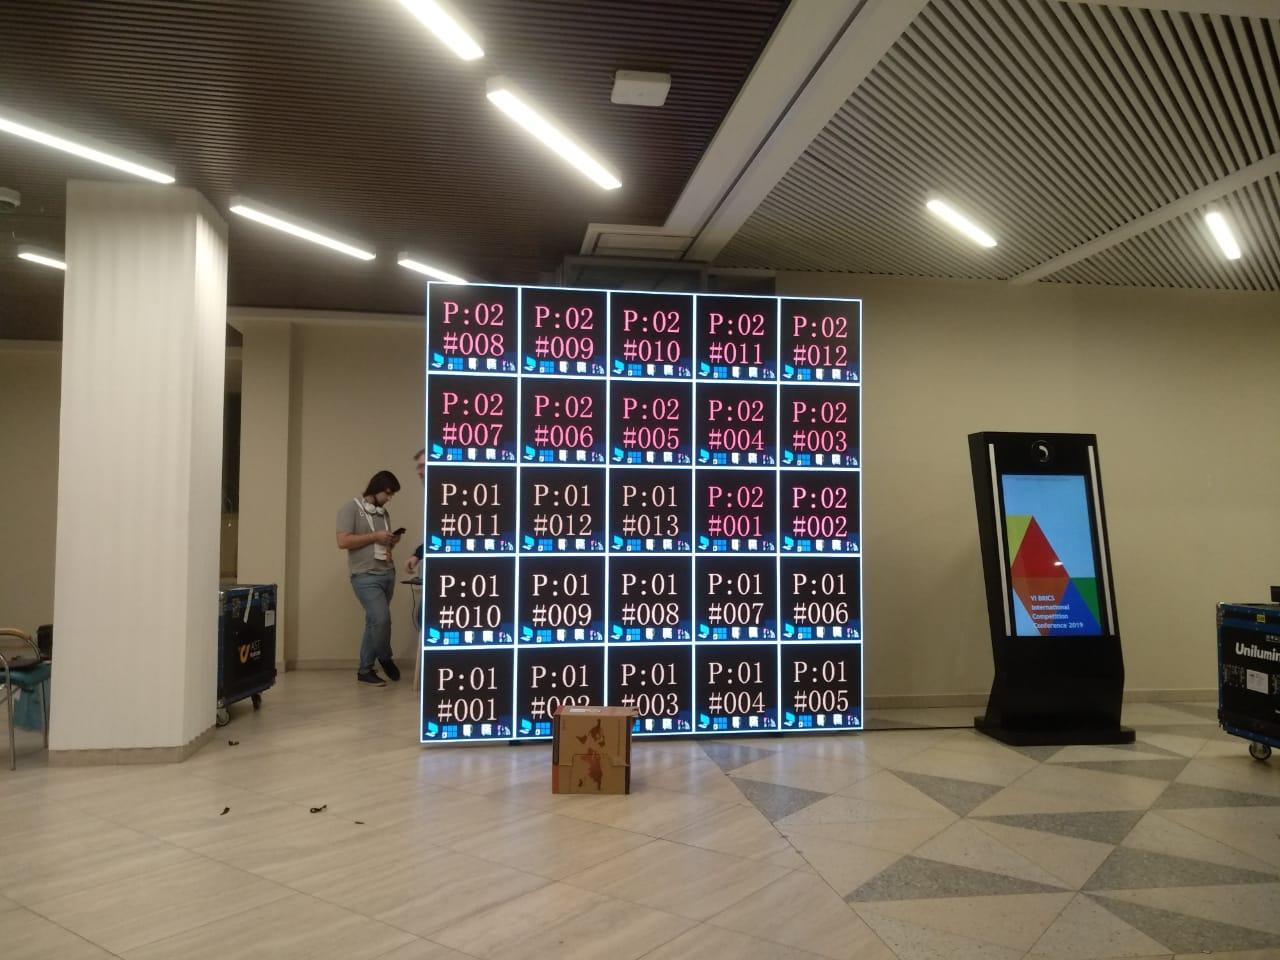 Специалисты компании ITDILAB произвели монтаж и обслуживание светодиодного экрана повышенной яркости на мероприятии для Федеральной Антимонопольной Службы России